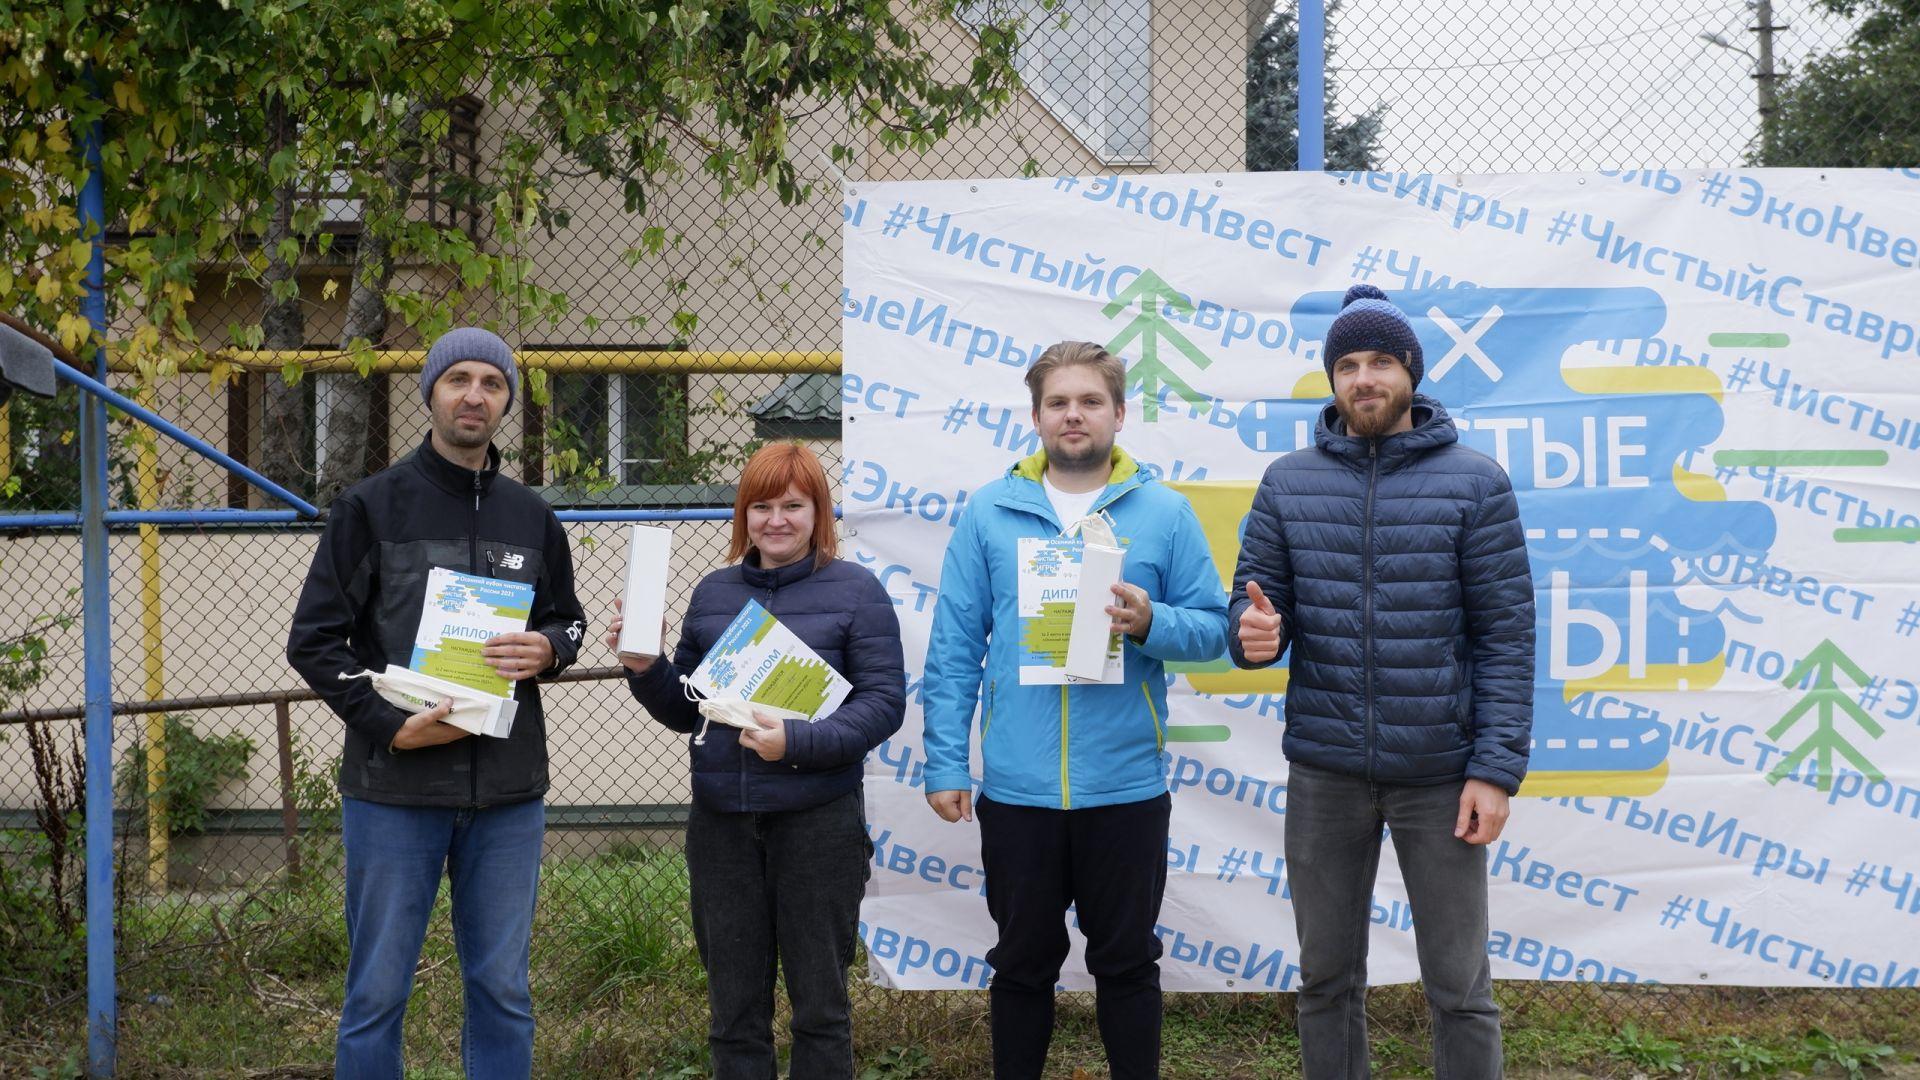 В Ставрополе в рамках проекта Чистые игры собрали 163 мешка мусора